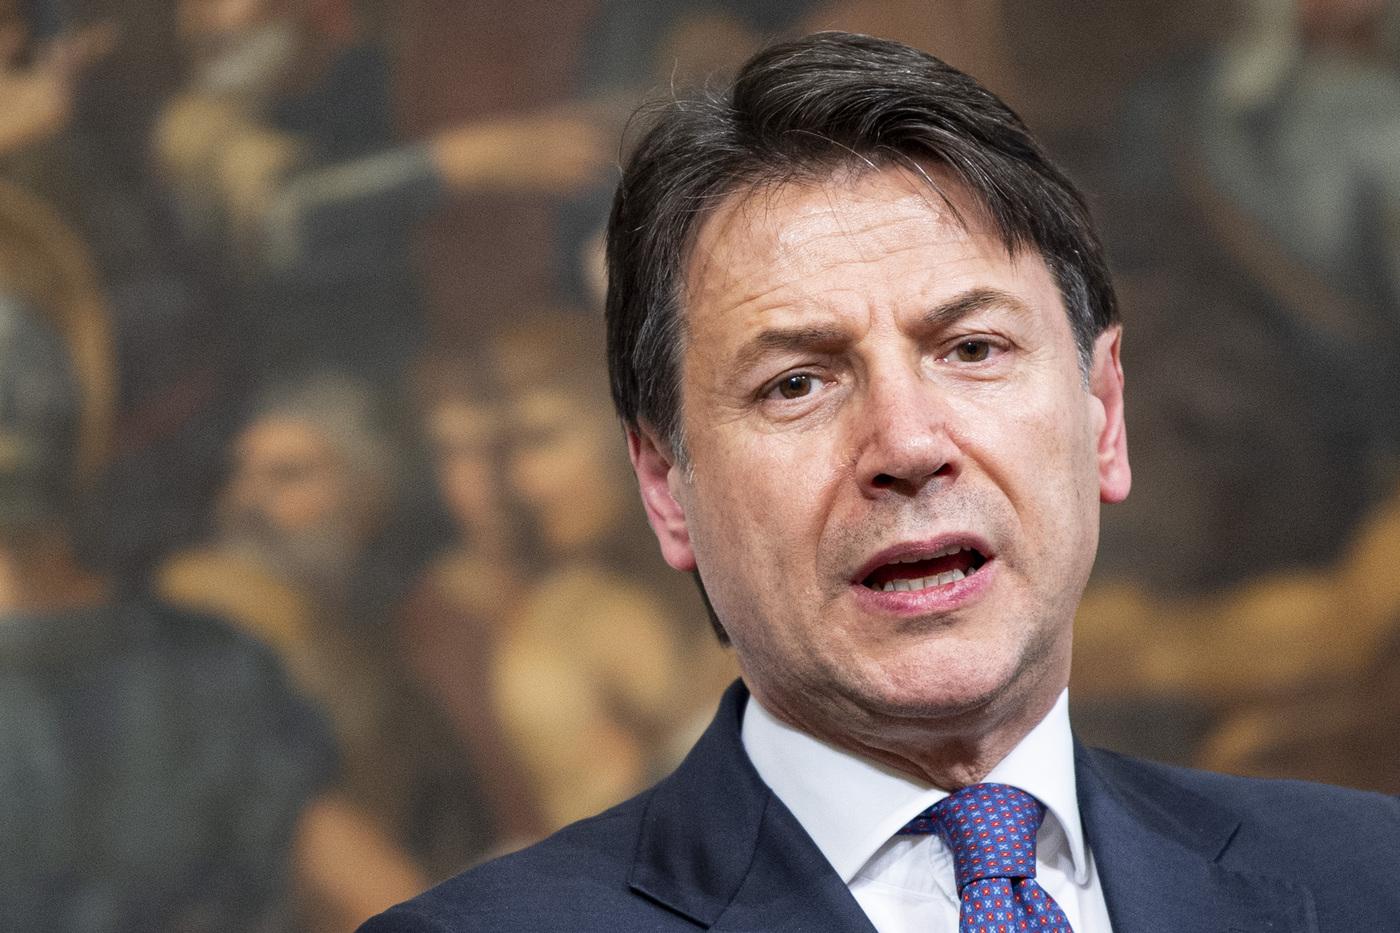 Conte ha fissato la dead-line per chiudere tutta l'Italia: lockdown totale dal 15 novembre se non si abbassa la curva dei contagi